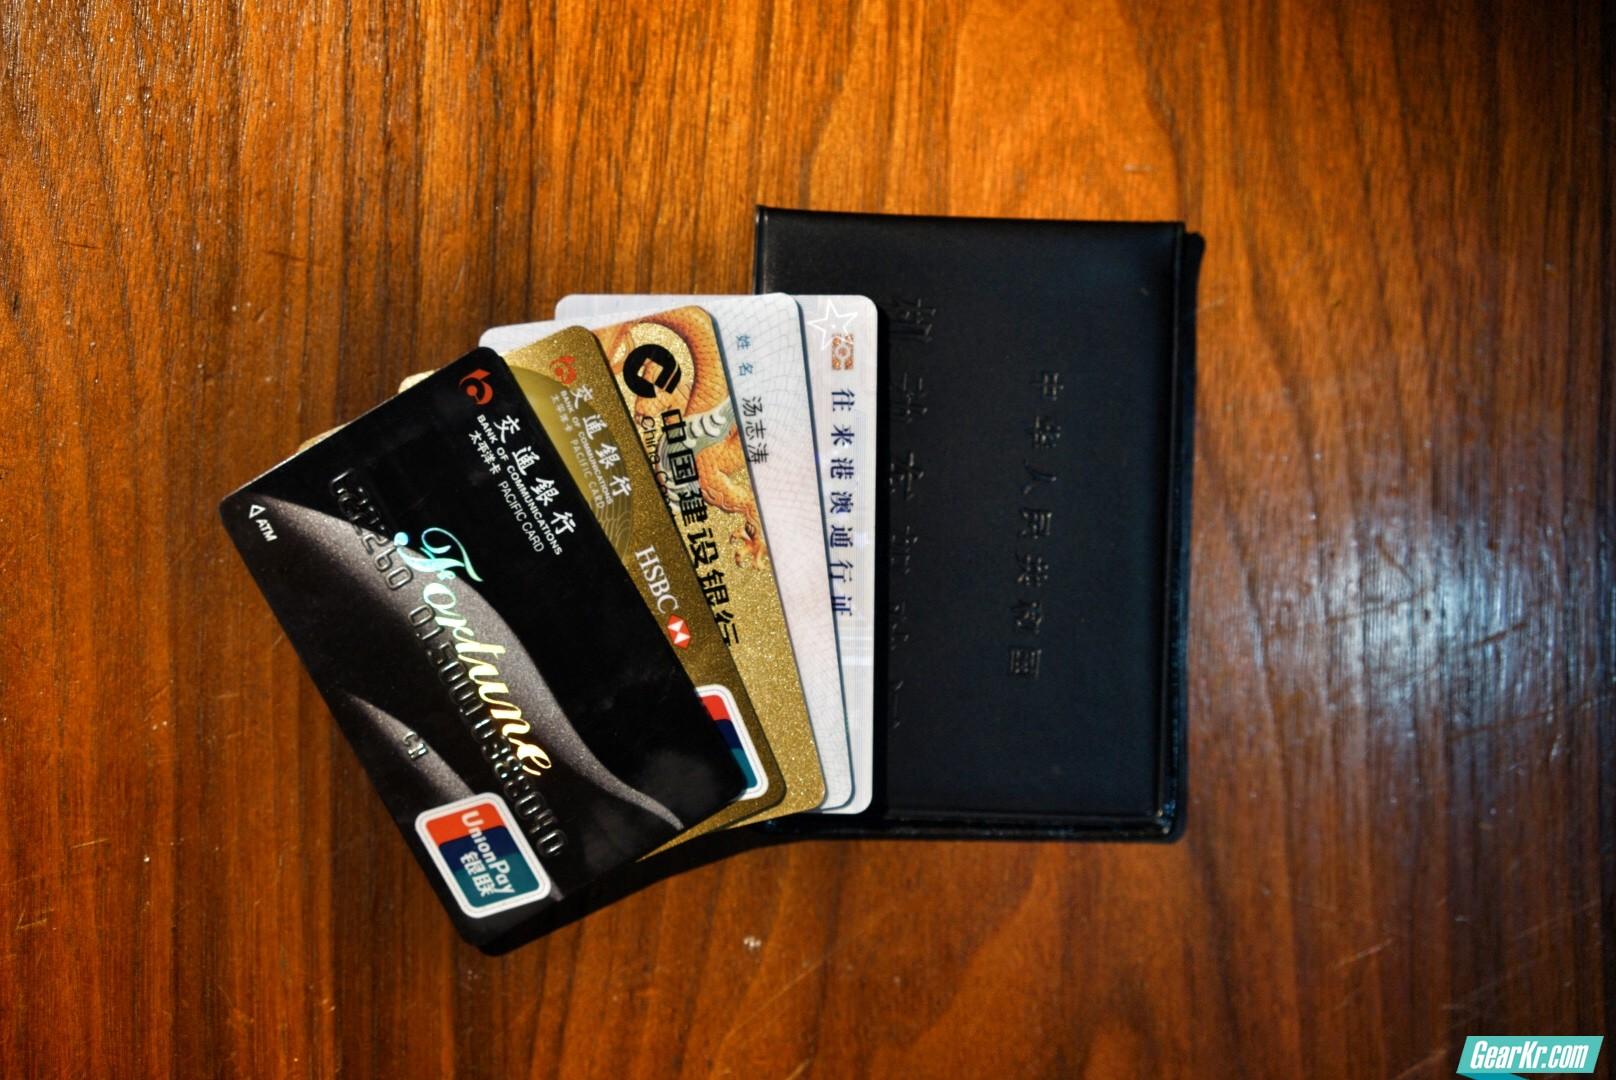 钱包的一些证件、驾驶证、港澳通行卡、建行储蓄卡、交行信用卡、交行沃德卡。